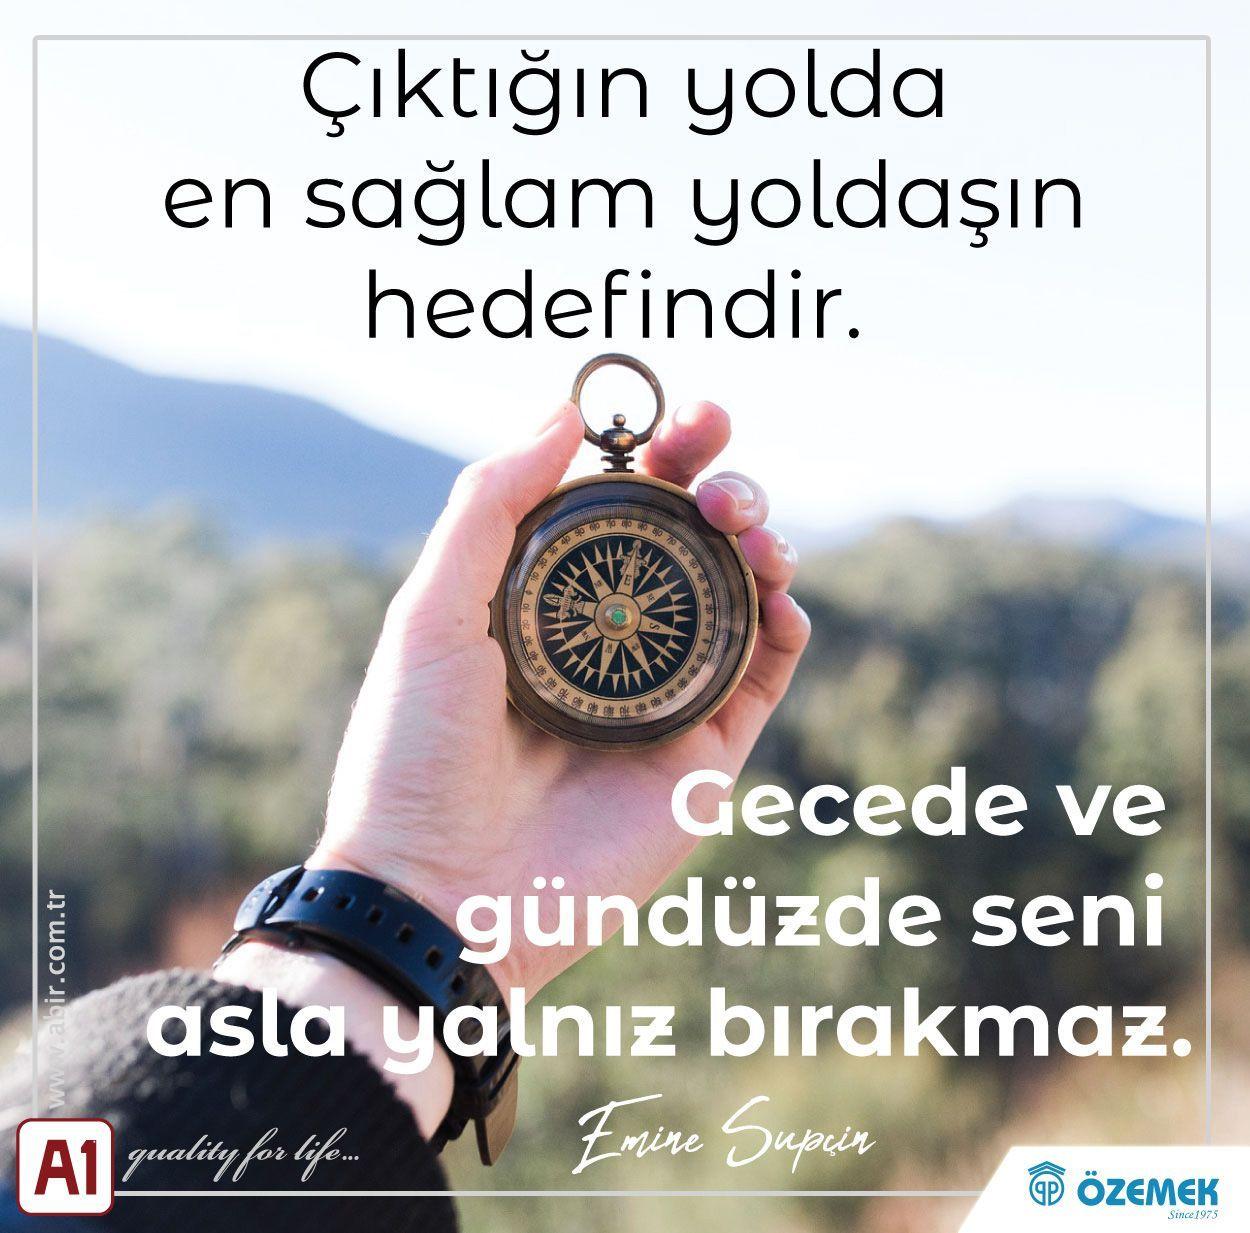 #Good morning #GoodMorning #Abir # Özemek # A1PvcMarket # A1